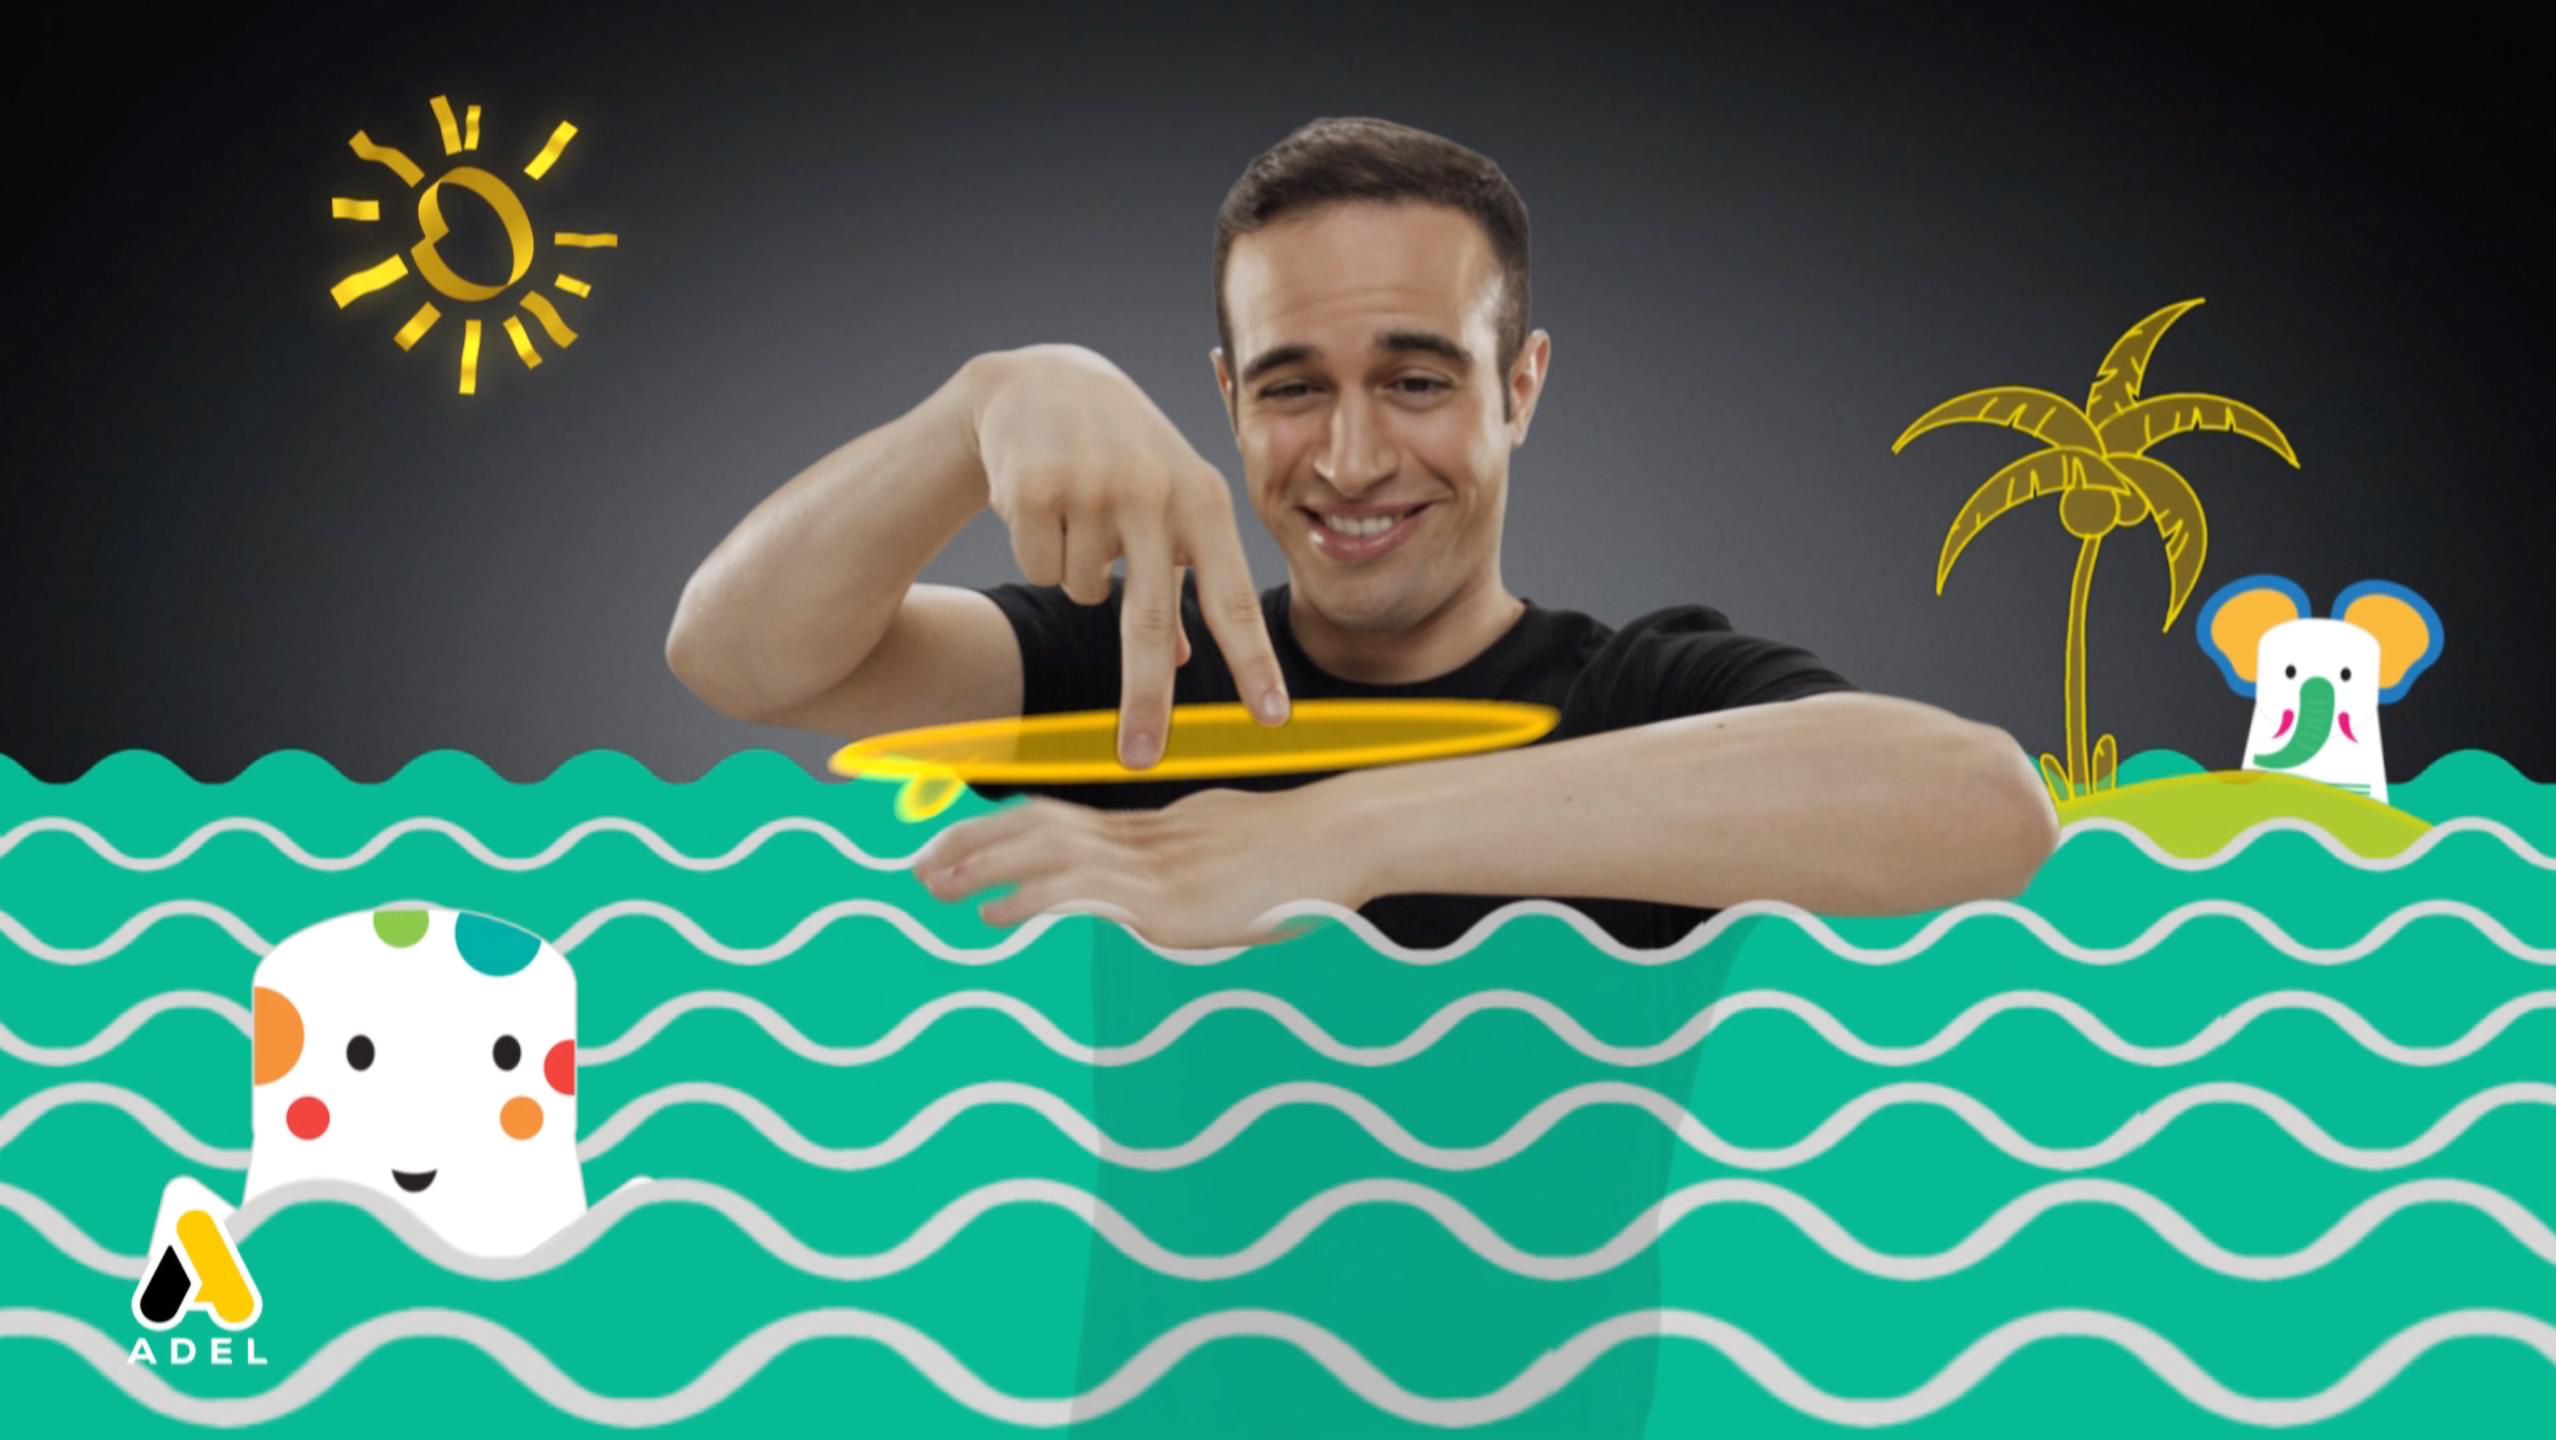 """Adel, """"Adel ile Her Şey Senin Elinde"""" sloganıyla yeni reklam filmini ekranlara taşıyor."""